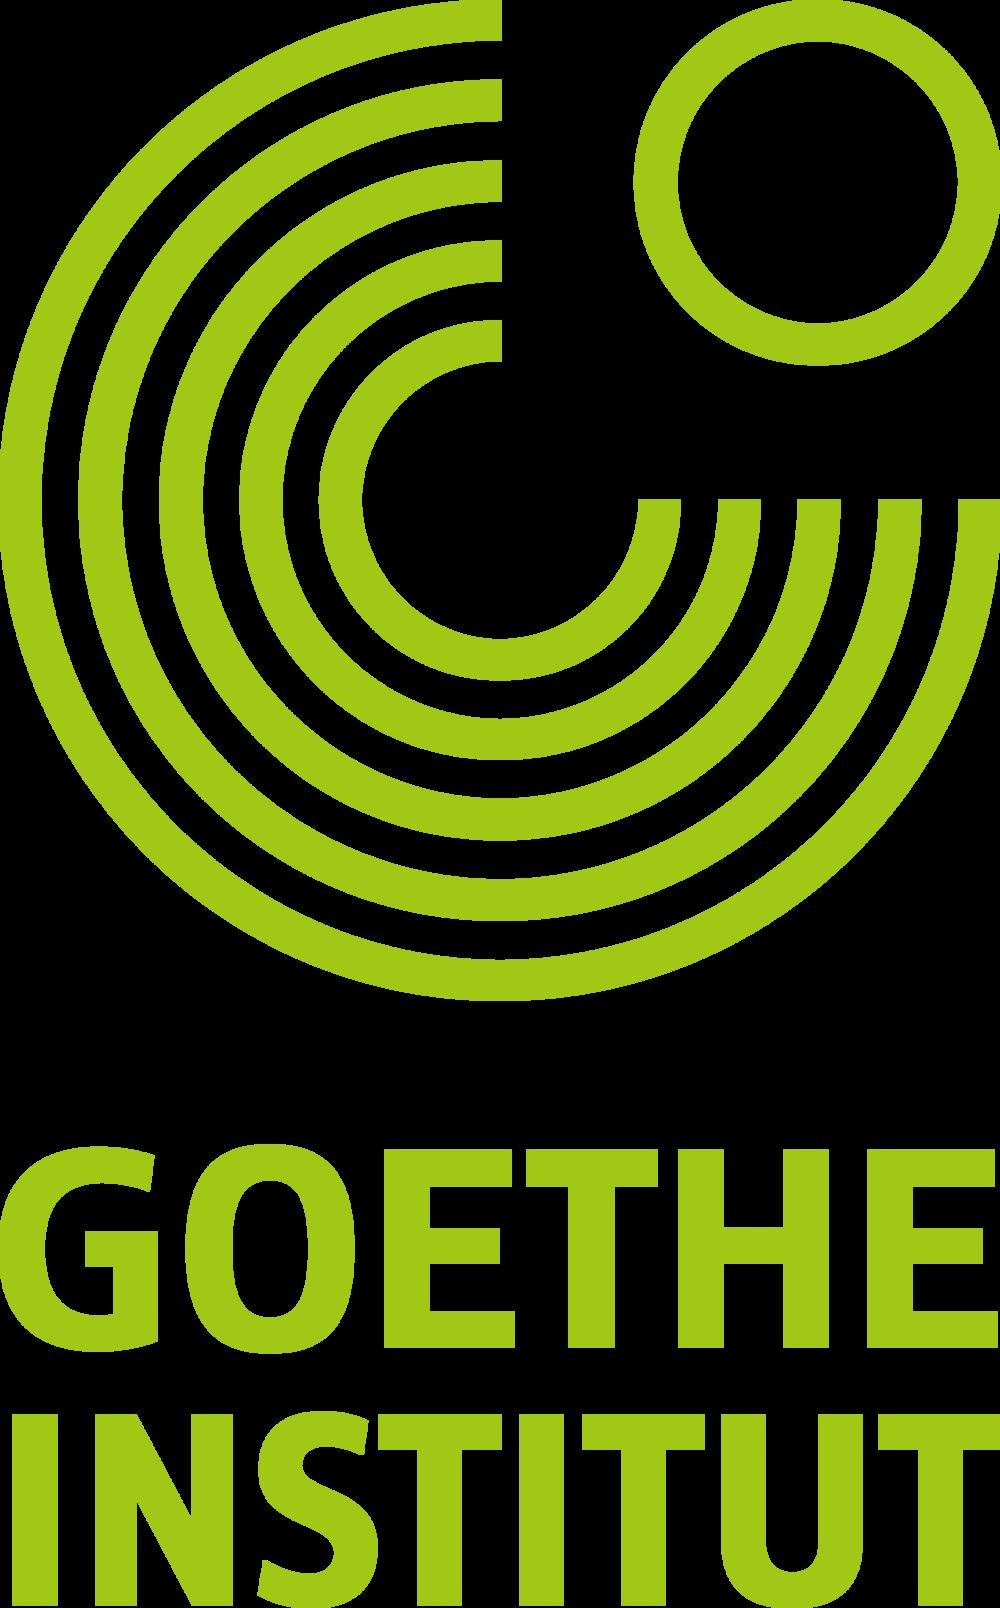 Goethe Institut logo.png